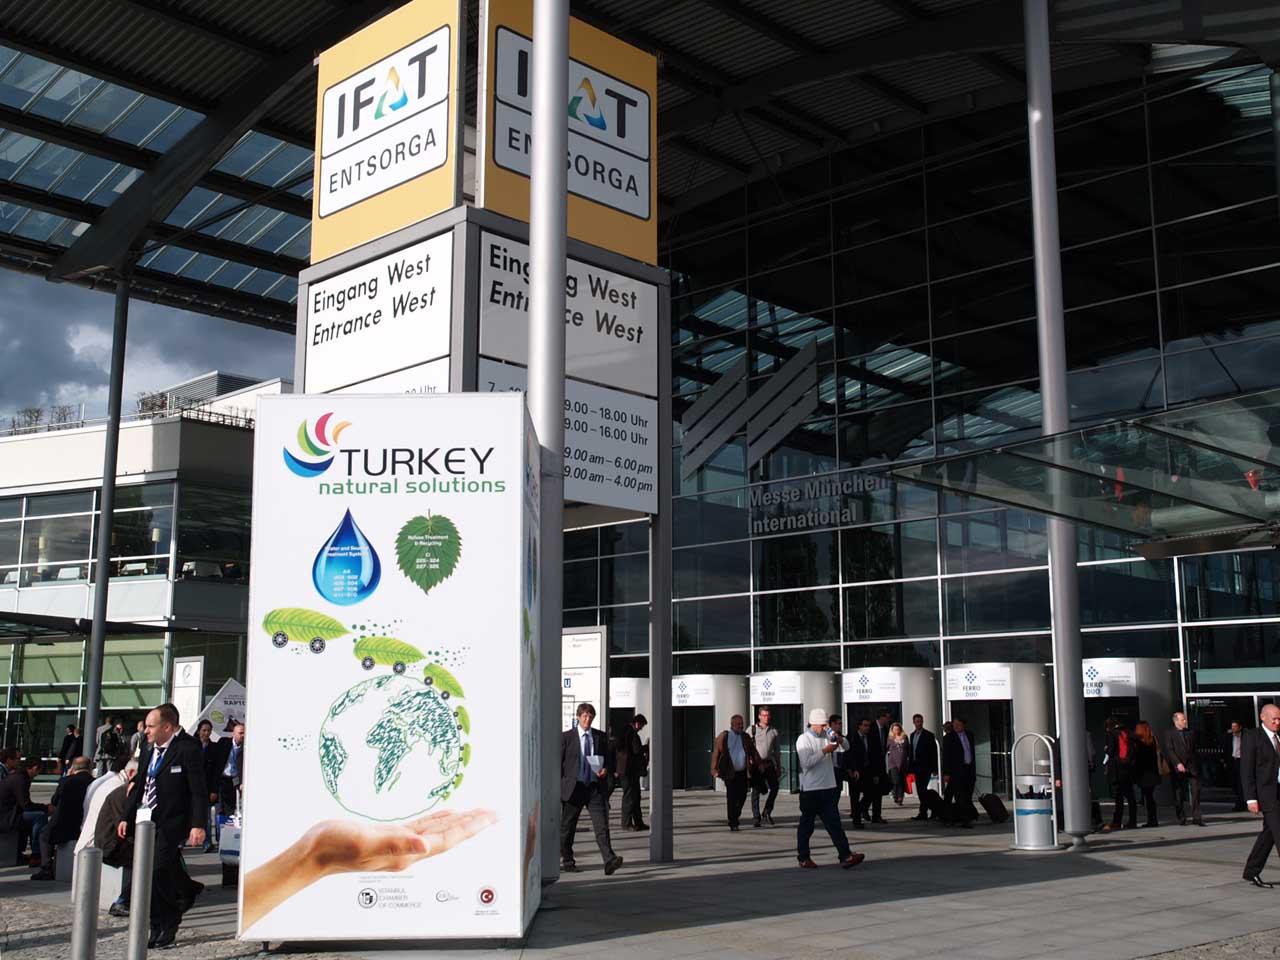 IFAT2012のメインゲート。「トルコ・自然による解決」の立看板が見える。IFATは毎回このミュンヘン新メッセ会場で開催されている、2010.05.09. © Matsuda Masahiro